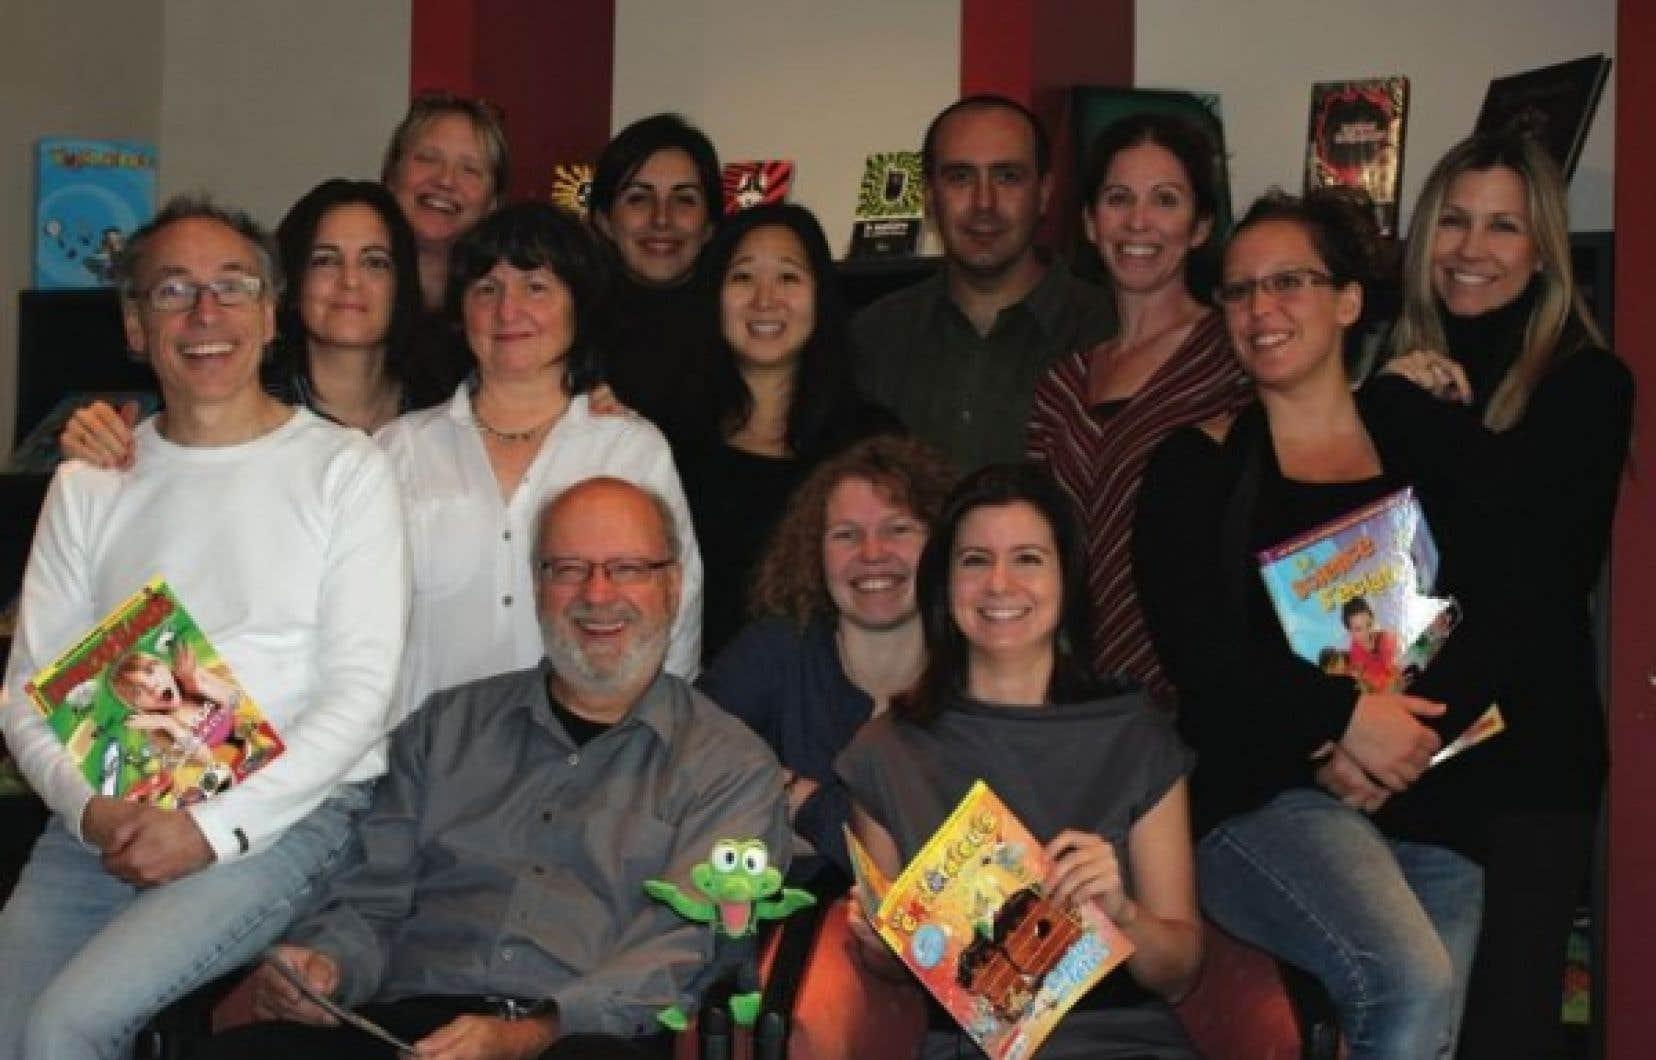 L'équipe rédactionnelle des Débrouillards, avec à l'avant-plan la mascotte Beppo, l'éditeur Félix Maltais, la rédactrice en chef adjointe et la rédactrice en chef du magazine, Laurène Smagghe et Isabelle Vaillancourt.<br />